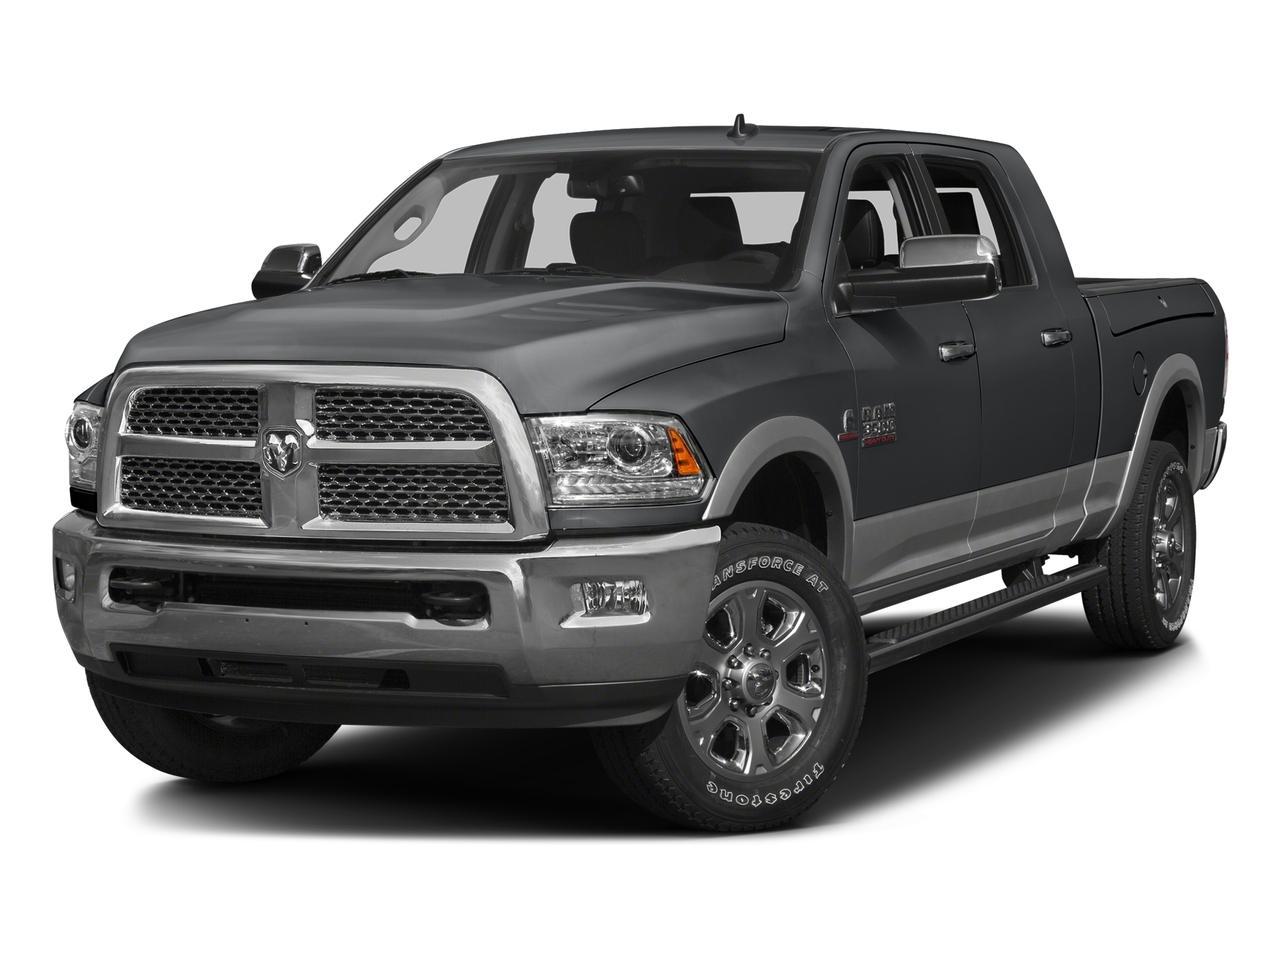 2016 Ram 3500 Vehicle Photo in Prescott, AZ 86305